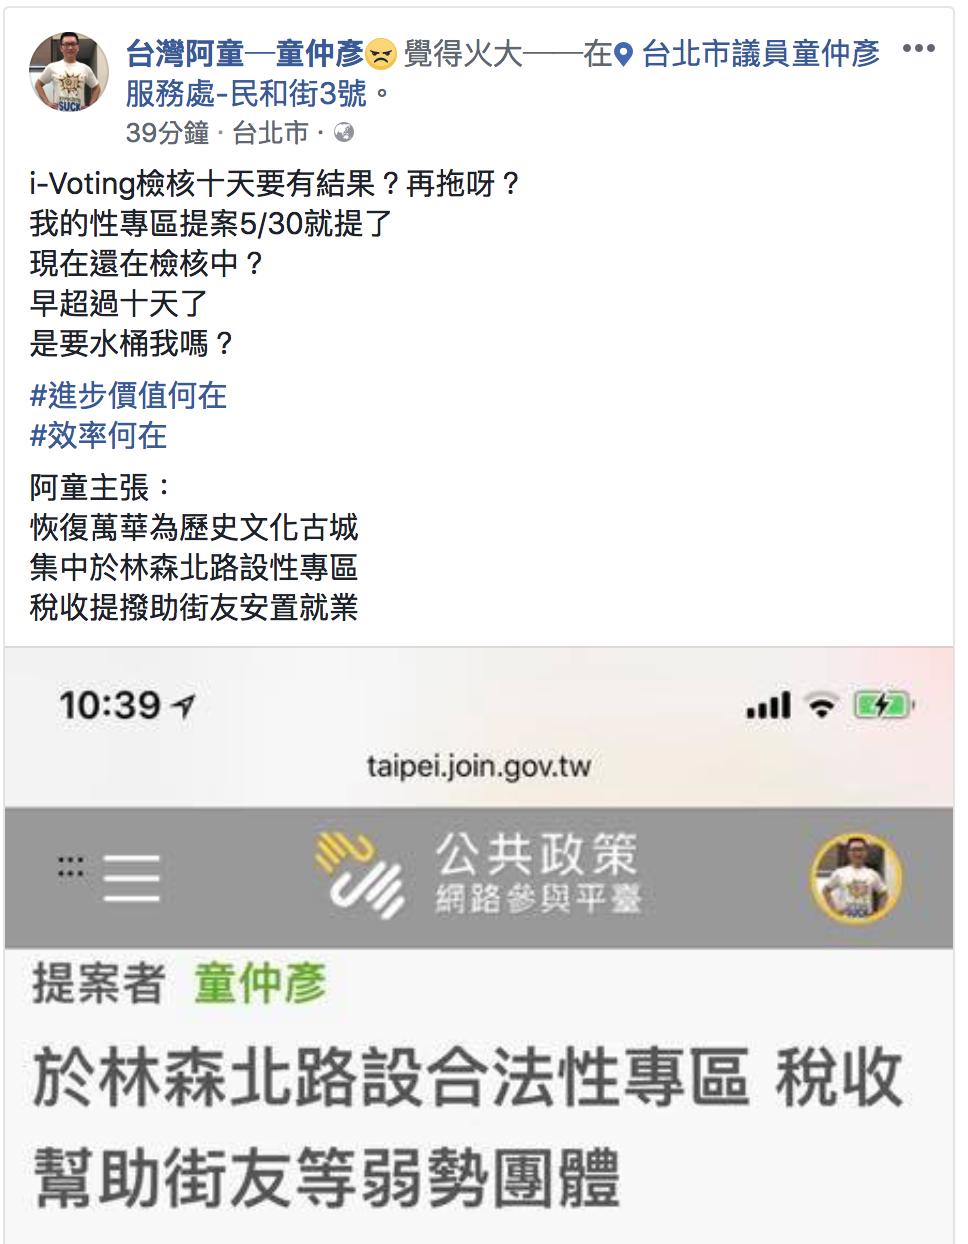 台北市議員童仲彥在i-Voting提出性專區專案,正在進行檢核中。圖/翻攝童仲彥...